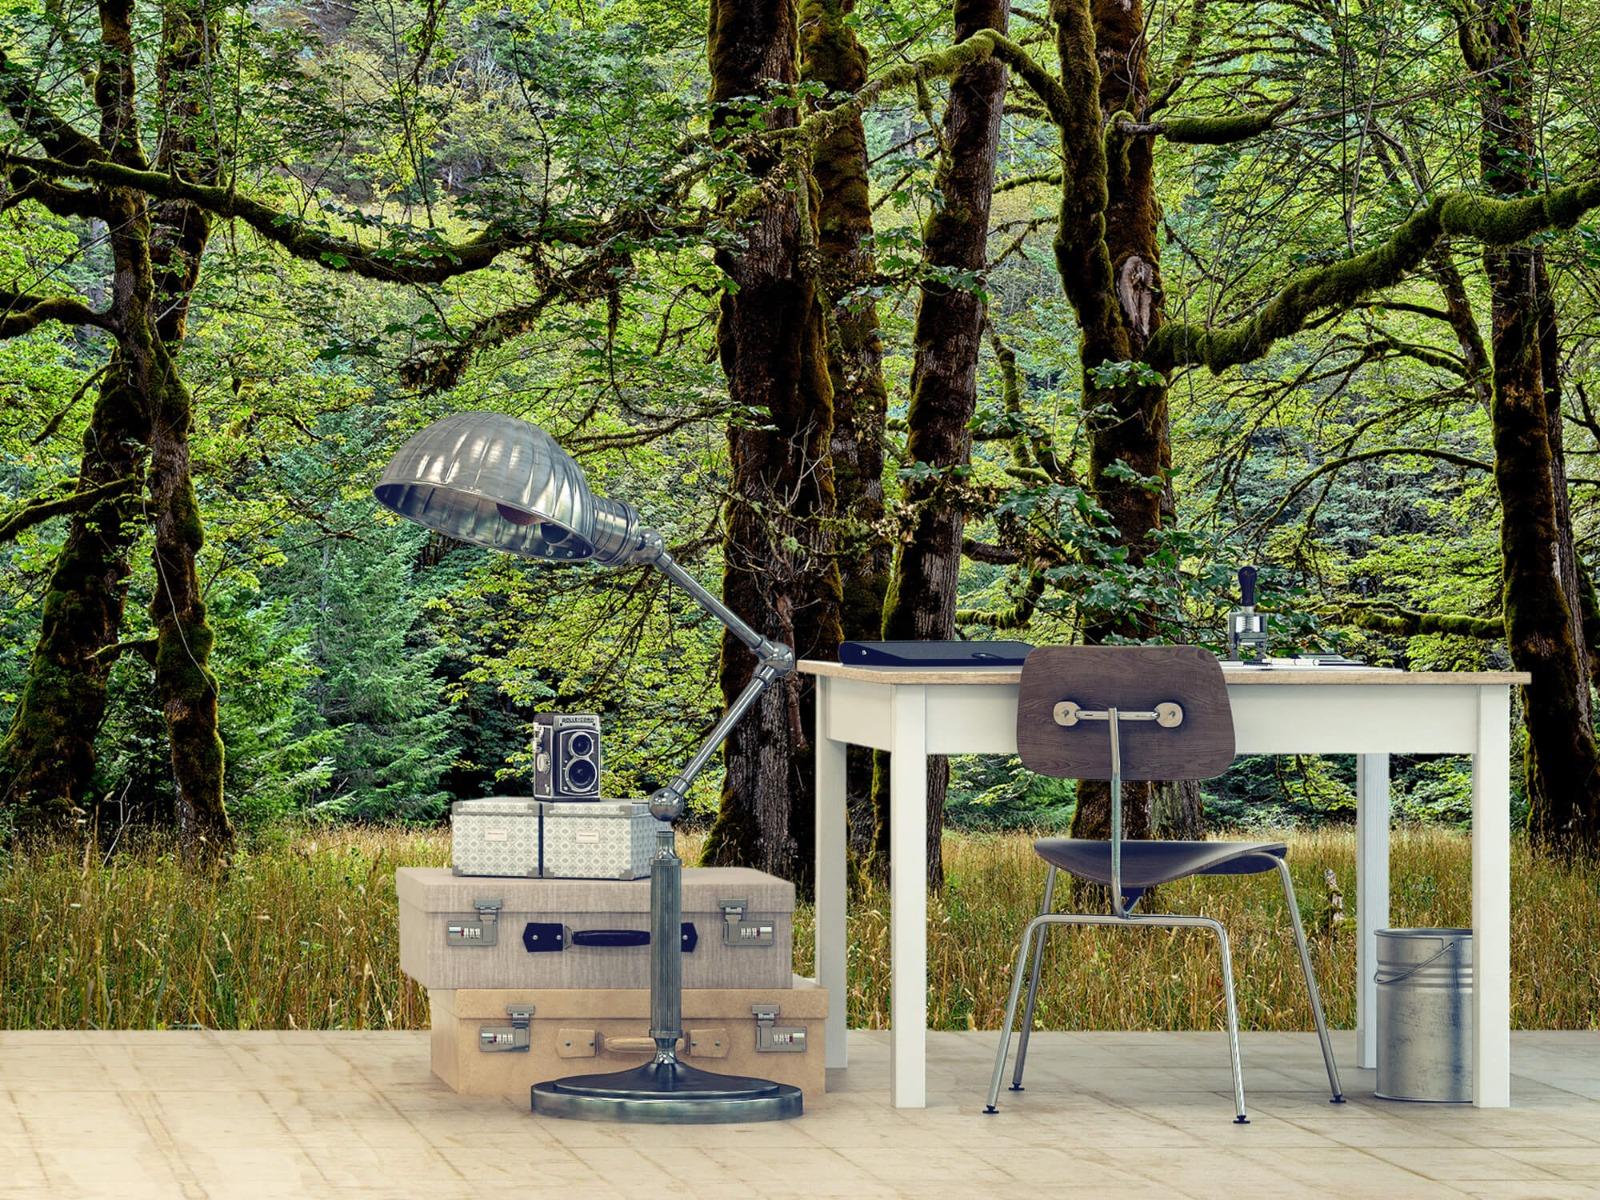 Bomen - Bomen met mos - Wallexclusive - Slaapkamer 11